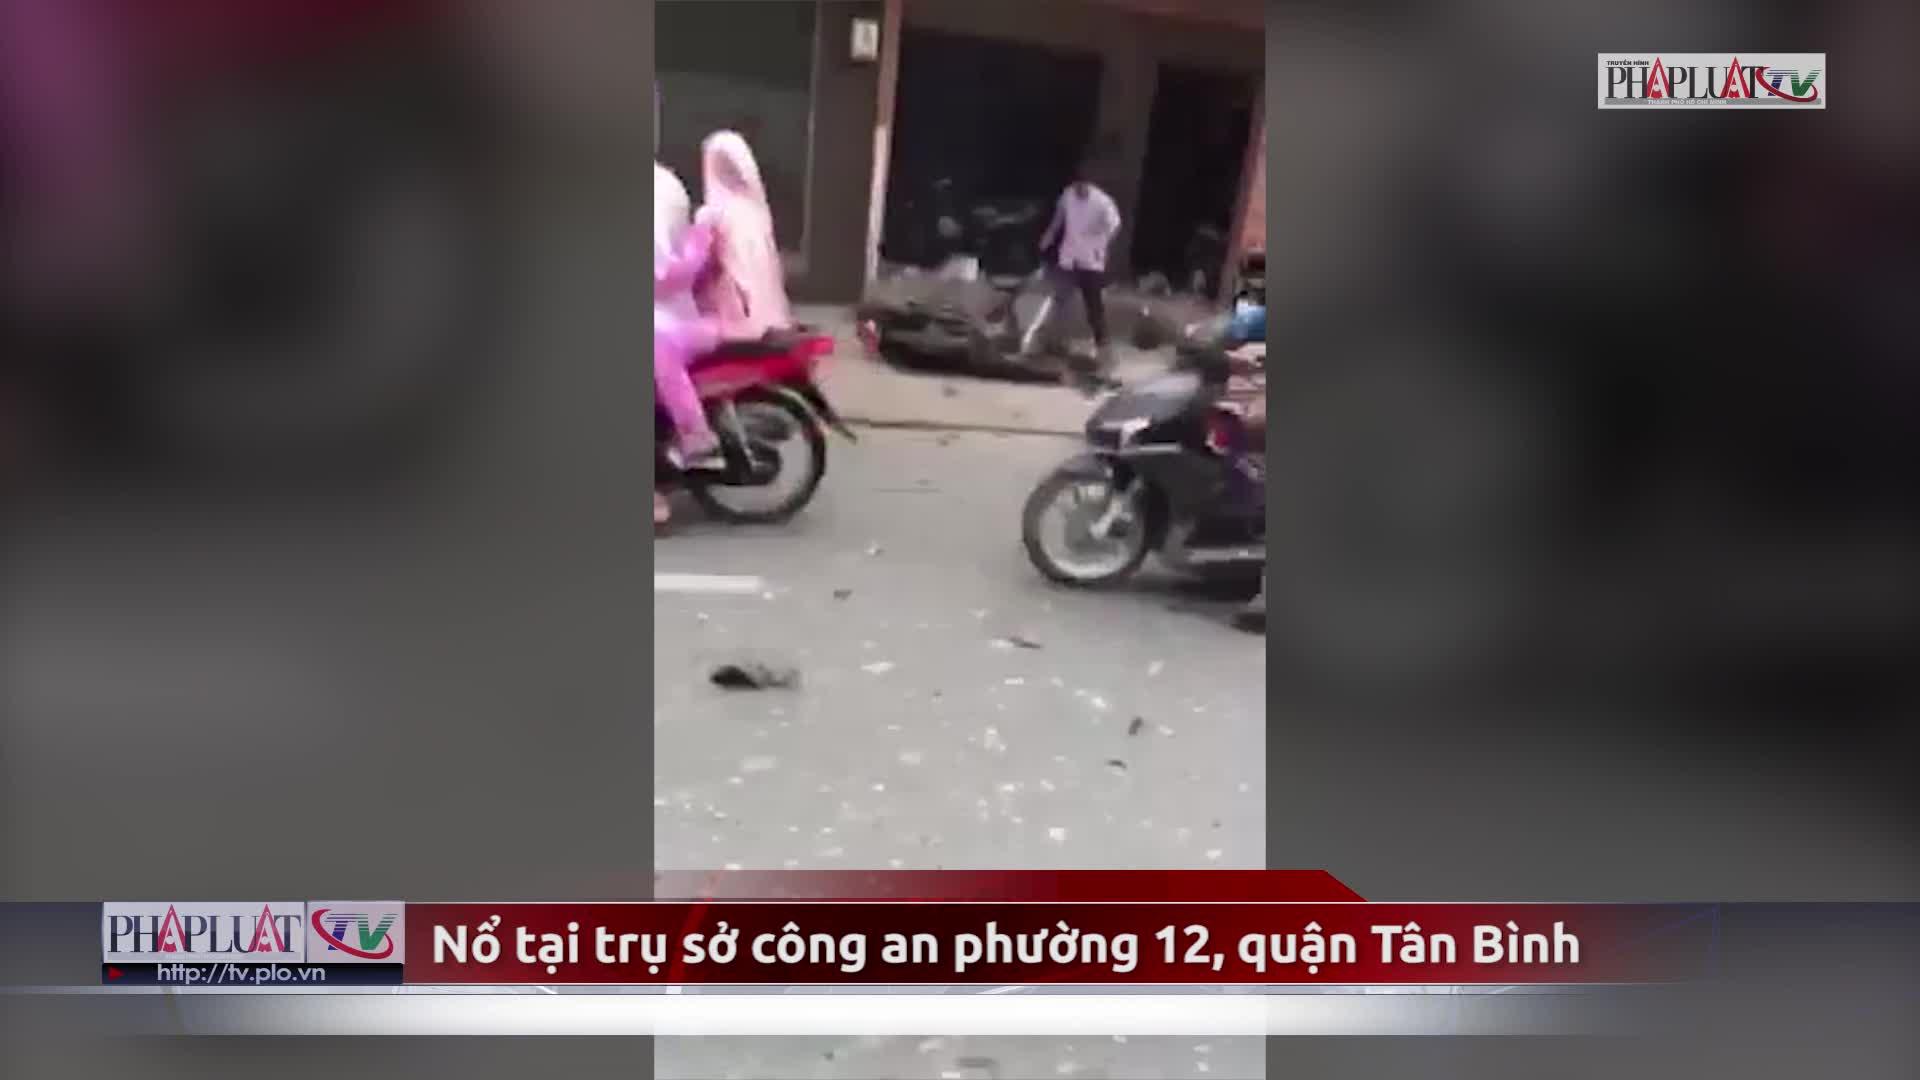 Clip: Hiện trường vụ nổ tại công an phường 12, quận Tân Bình (nguồn: Pháp luật TP.HCM)